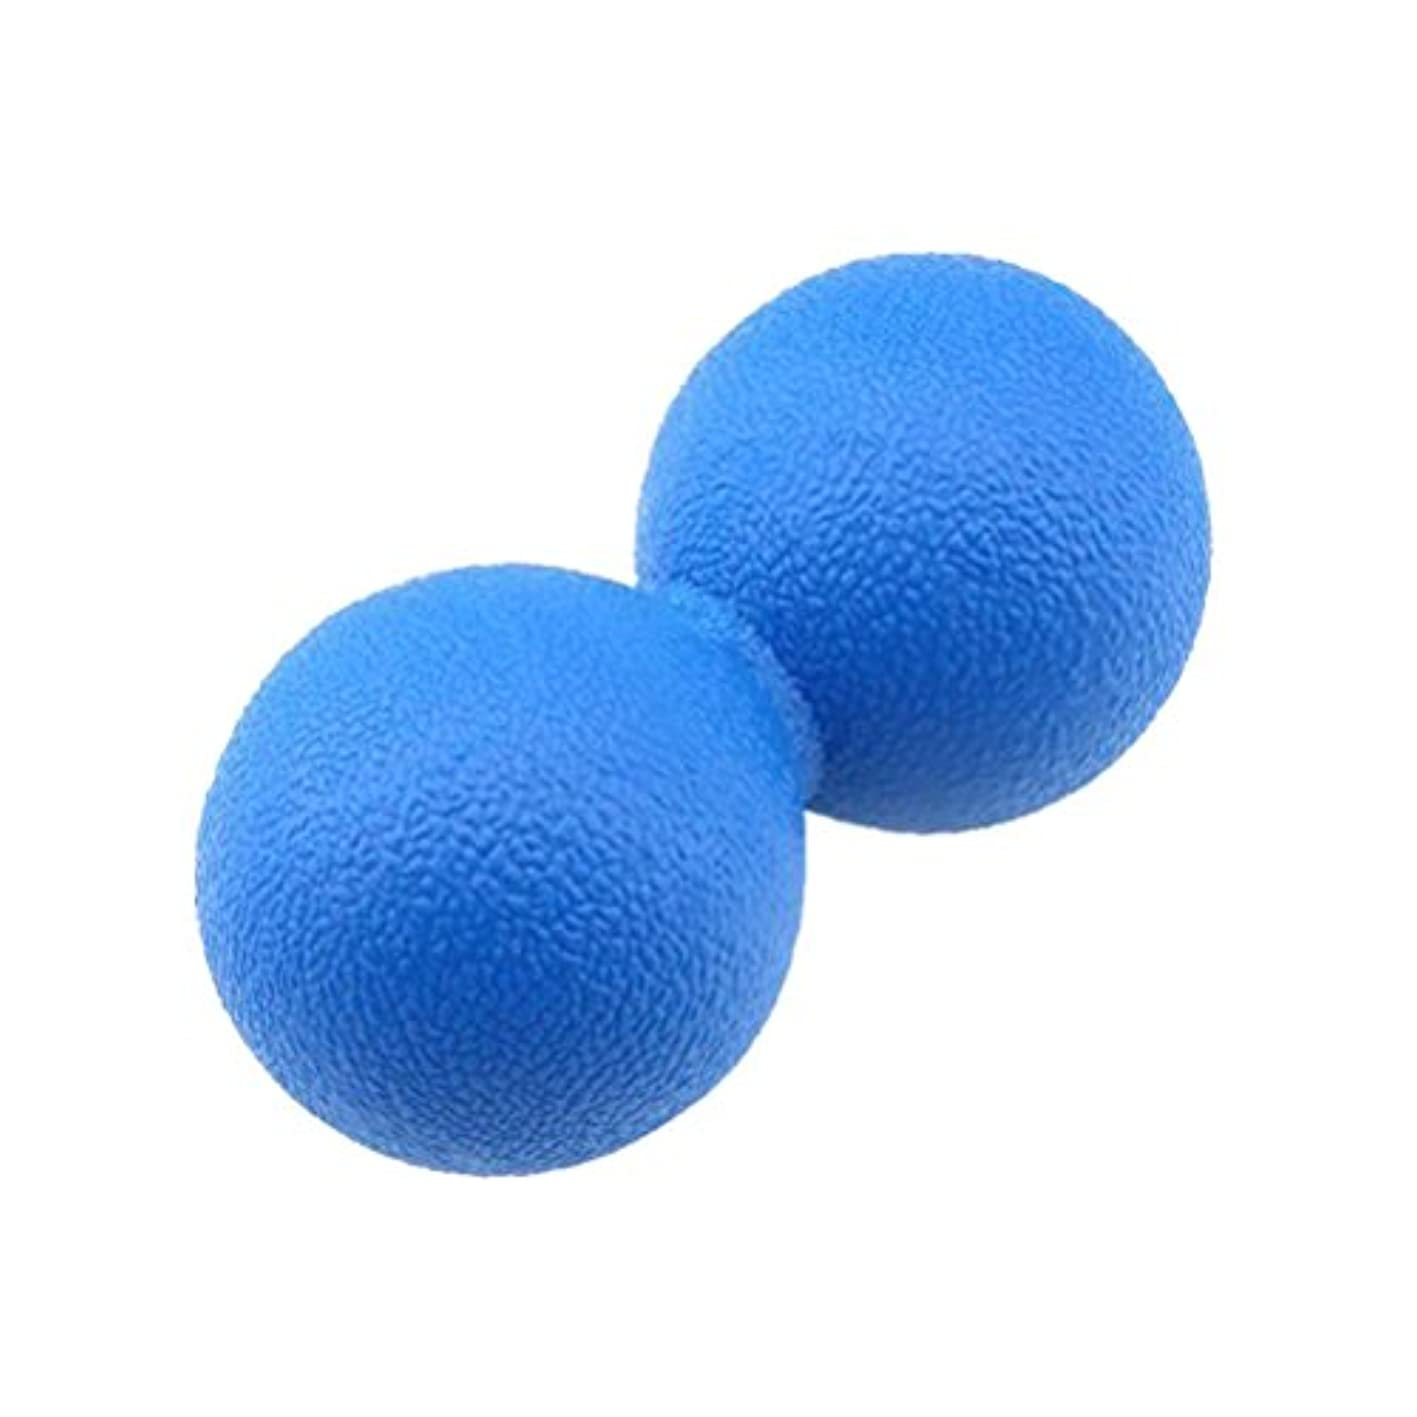 ラショナル許容できるエレベーターVORCOOL マッサージボール ストレッチボール ハードタイプ トリガーポイント トレーニング 背中 肩こり 腰 ふくらはぎ 足裏 ツボ押しグッズ スーパーハードタイプ 筋肉痛を改善 運動前後(ブルー)